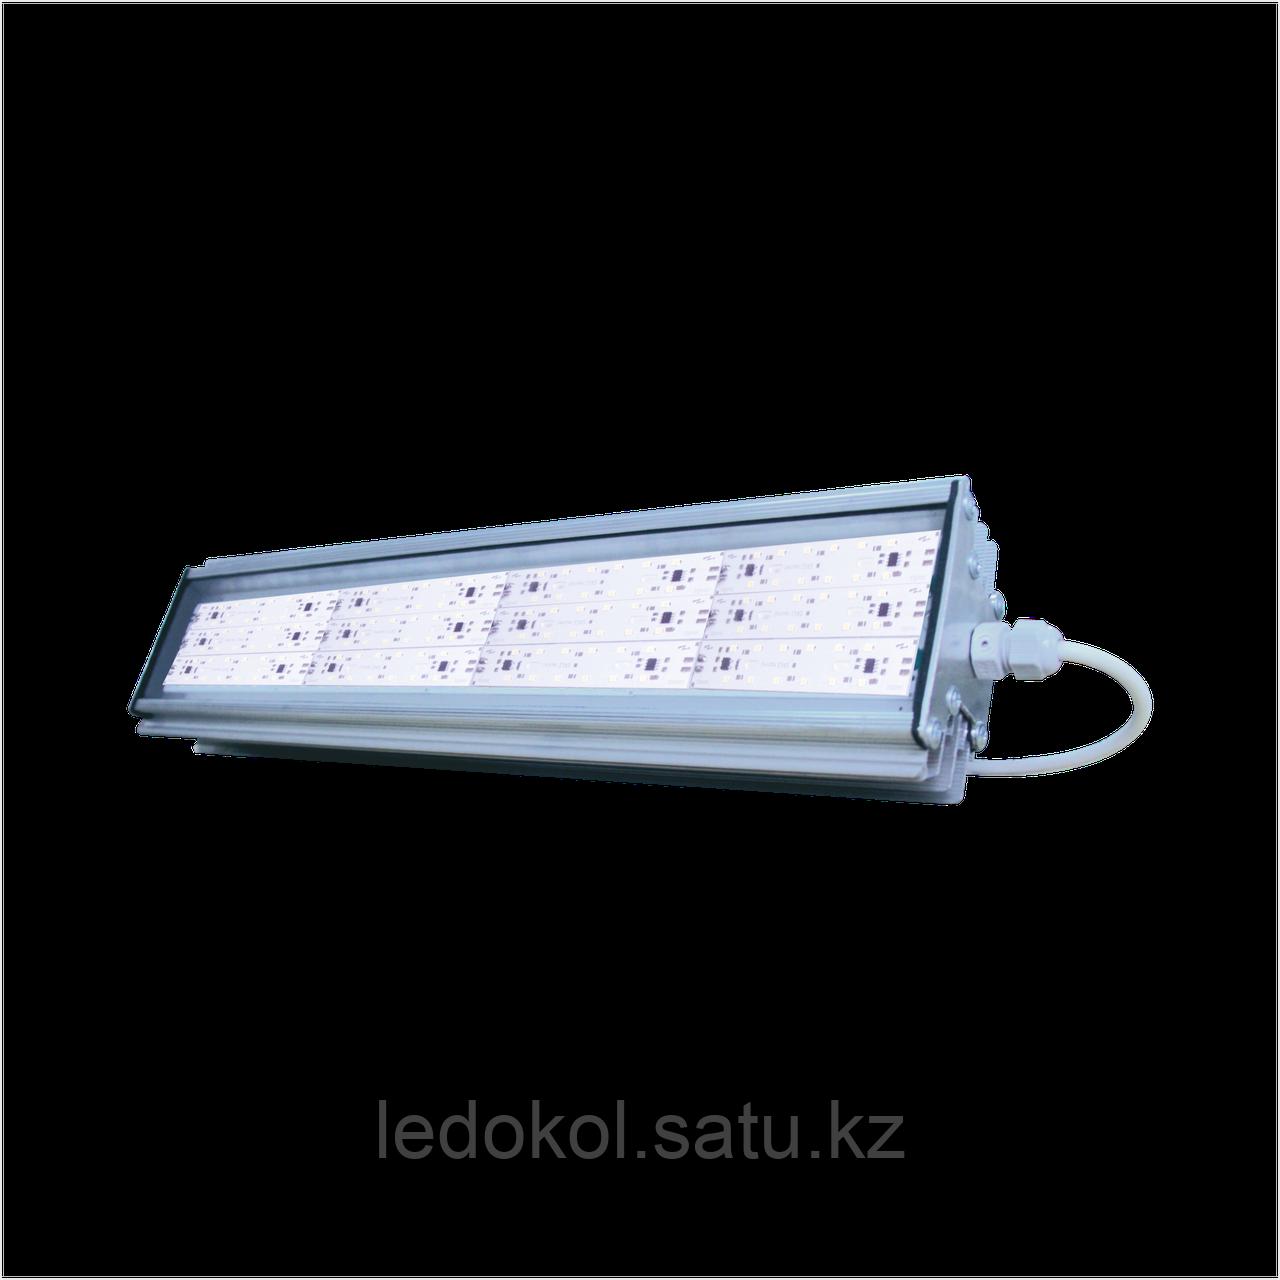 Светильник 120 Вт, Промышленный светодиодный, алюминиевый корпус